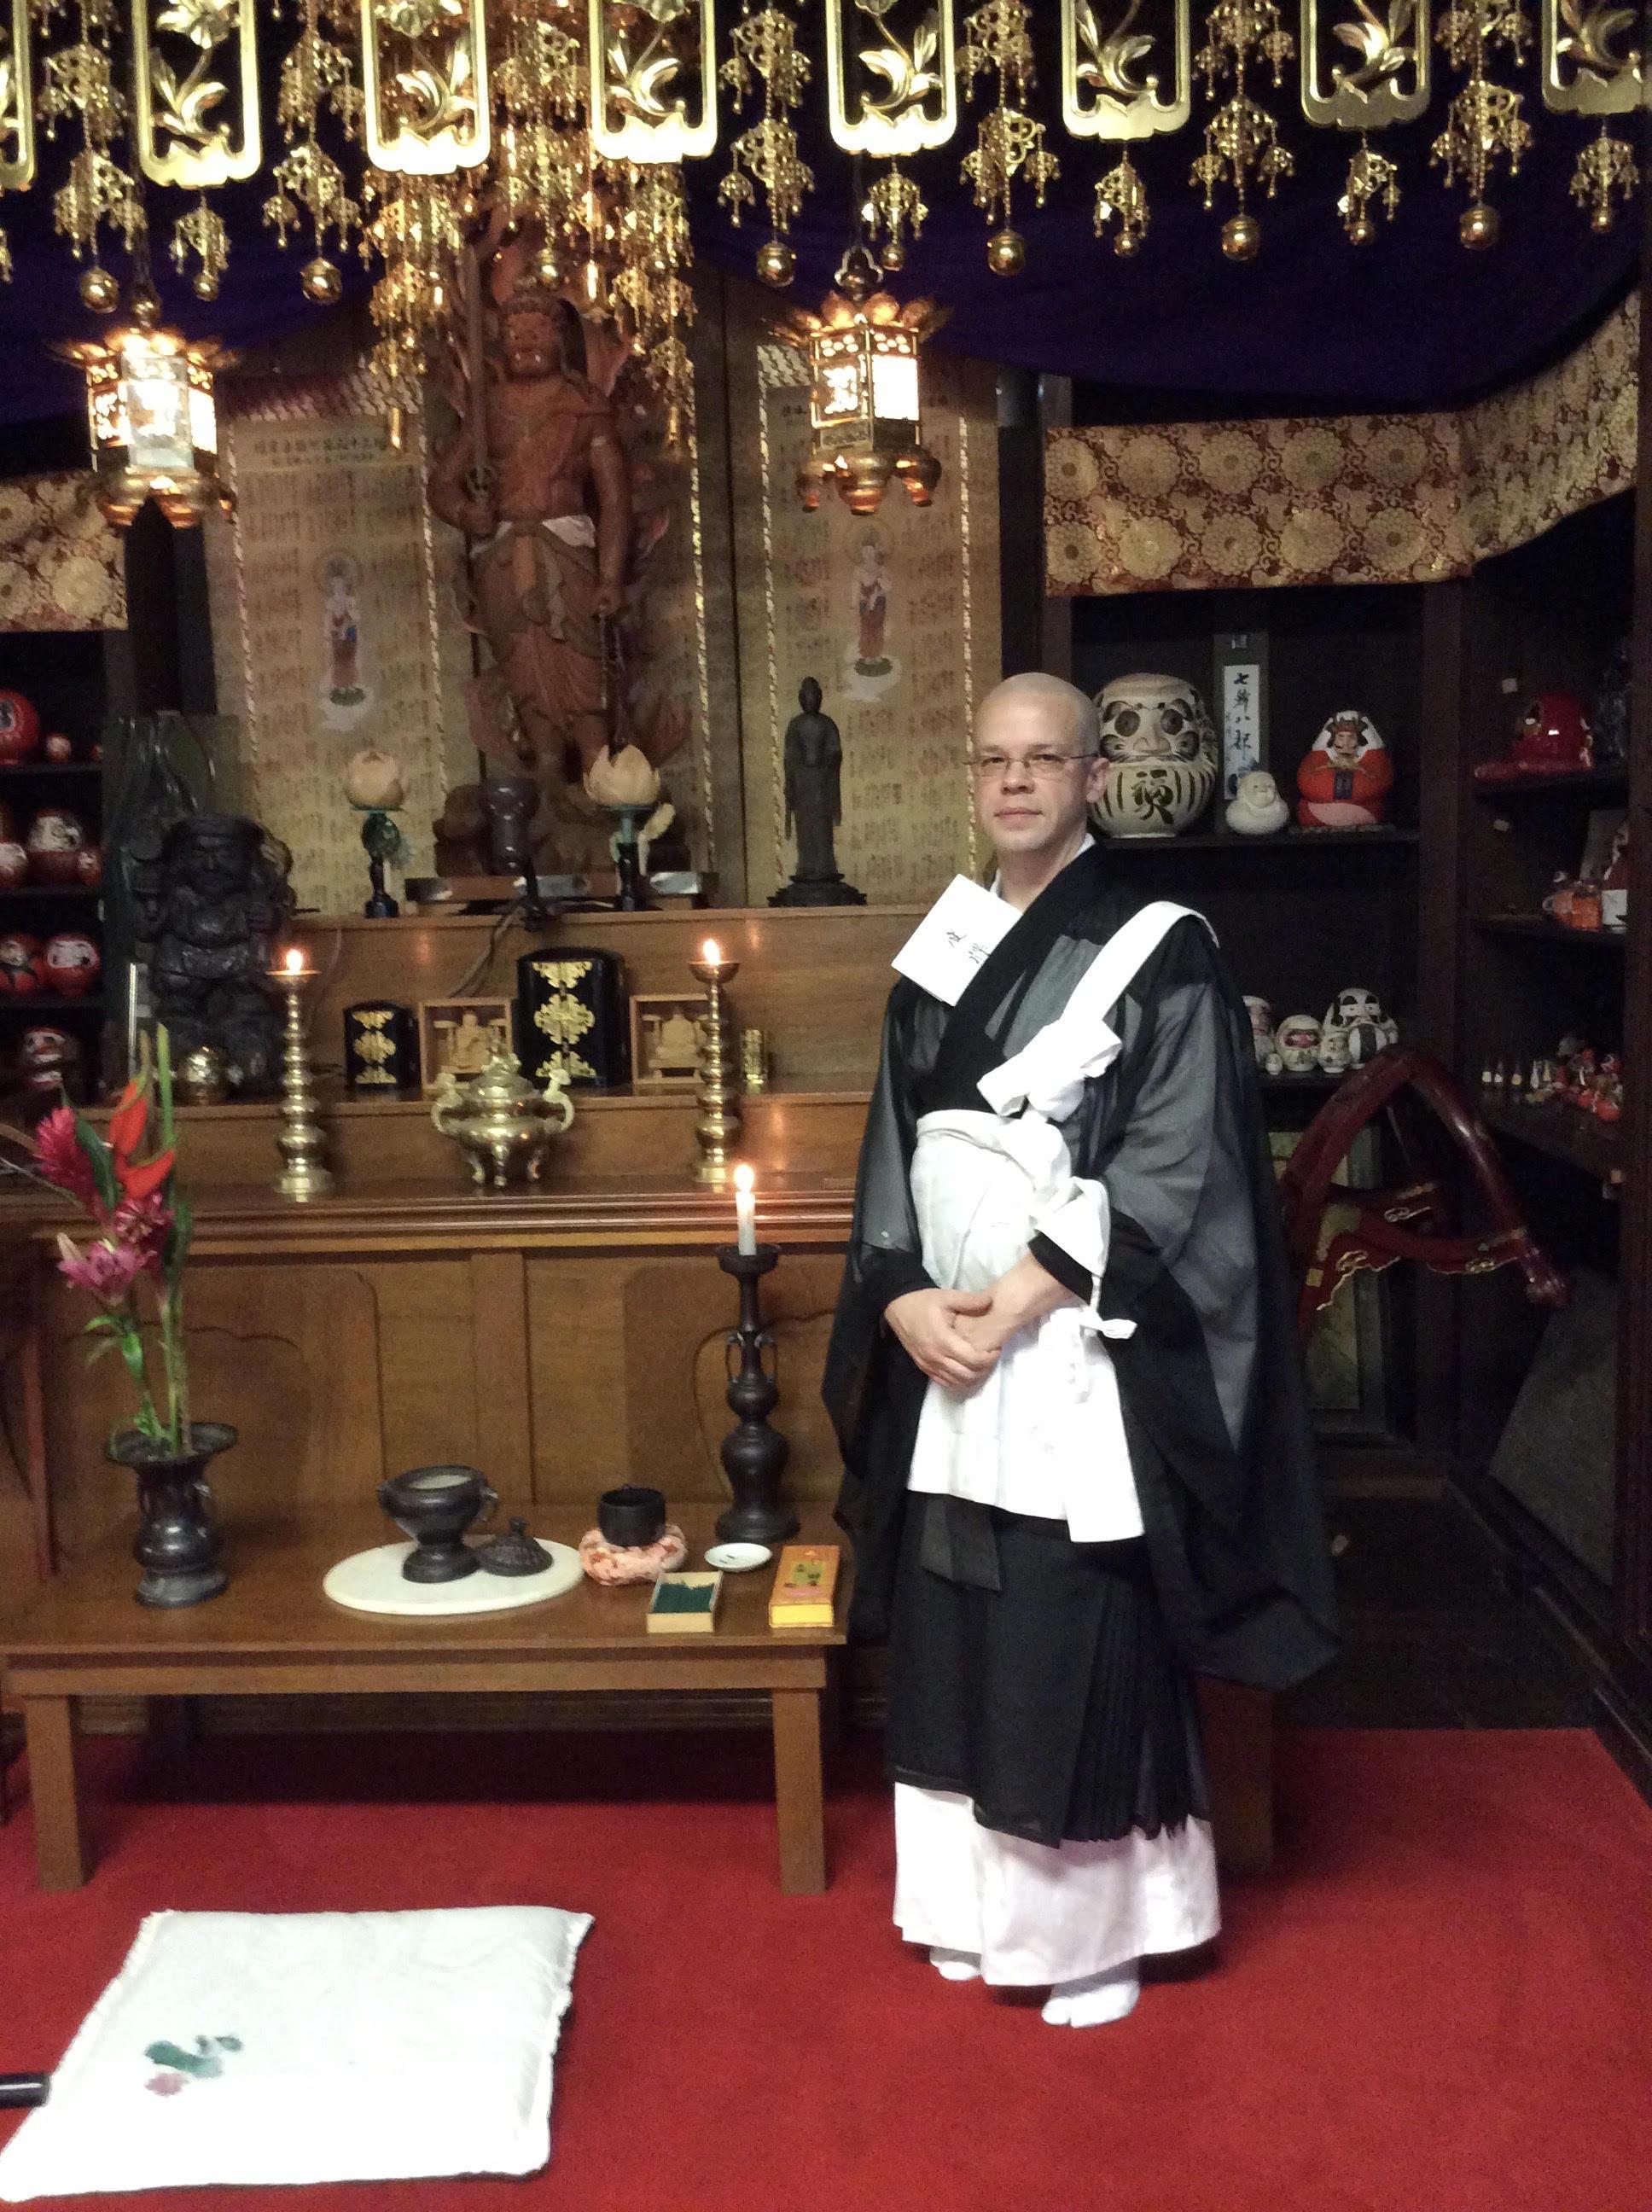 Rev. Jiei Tokudo